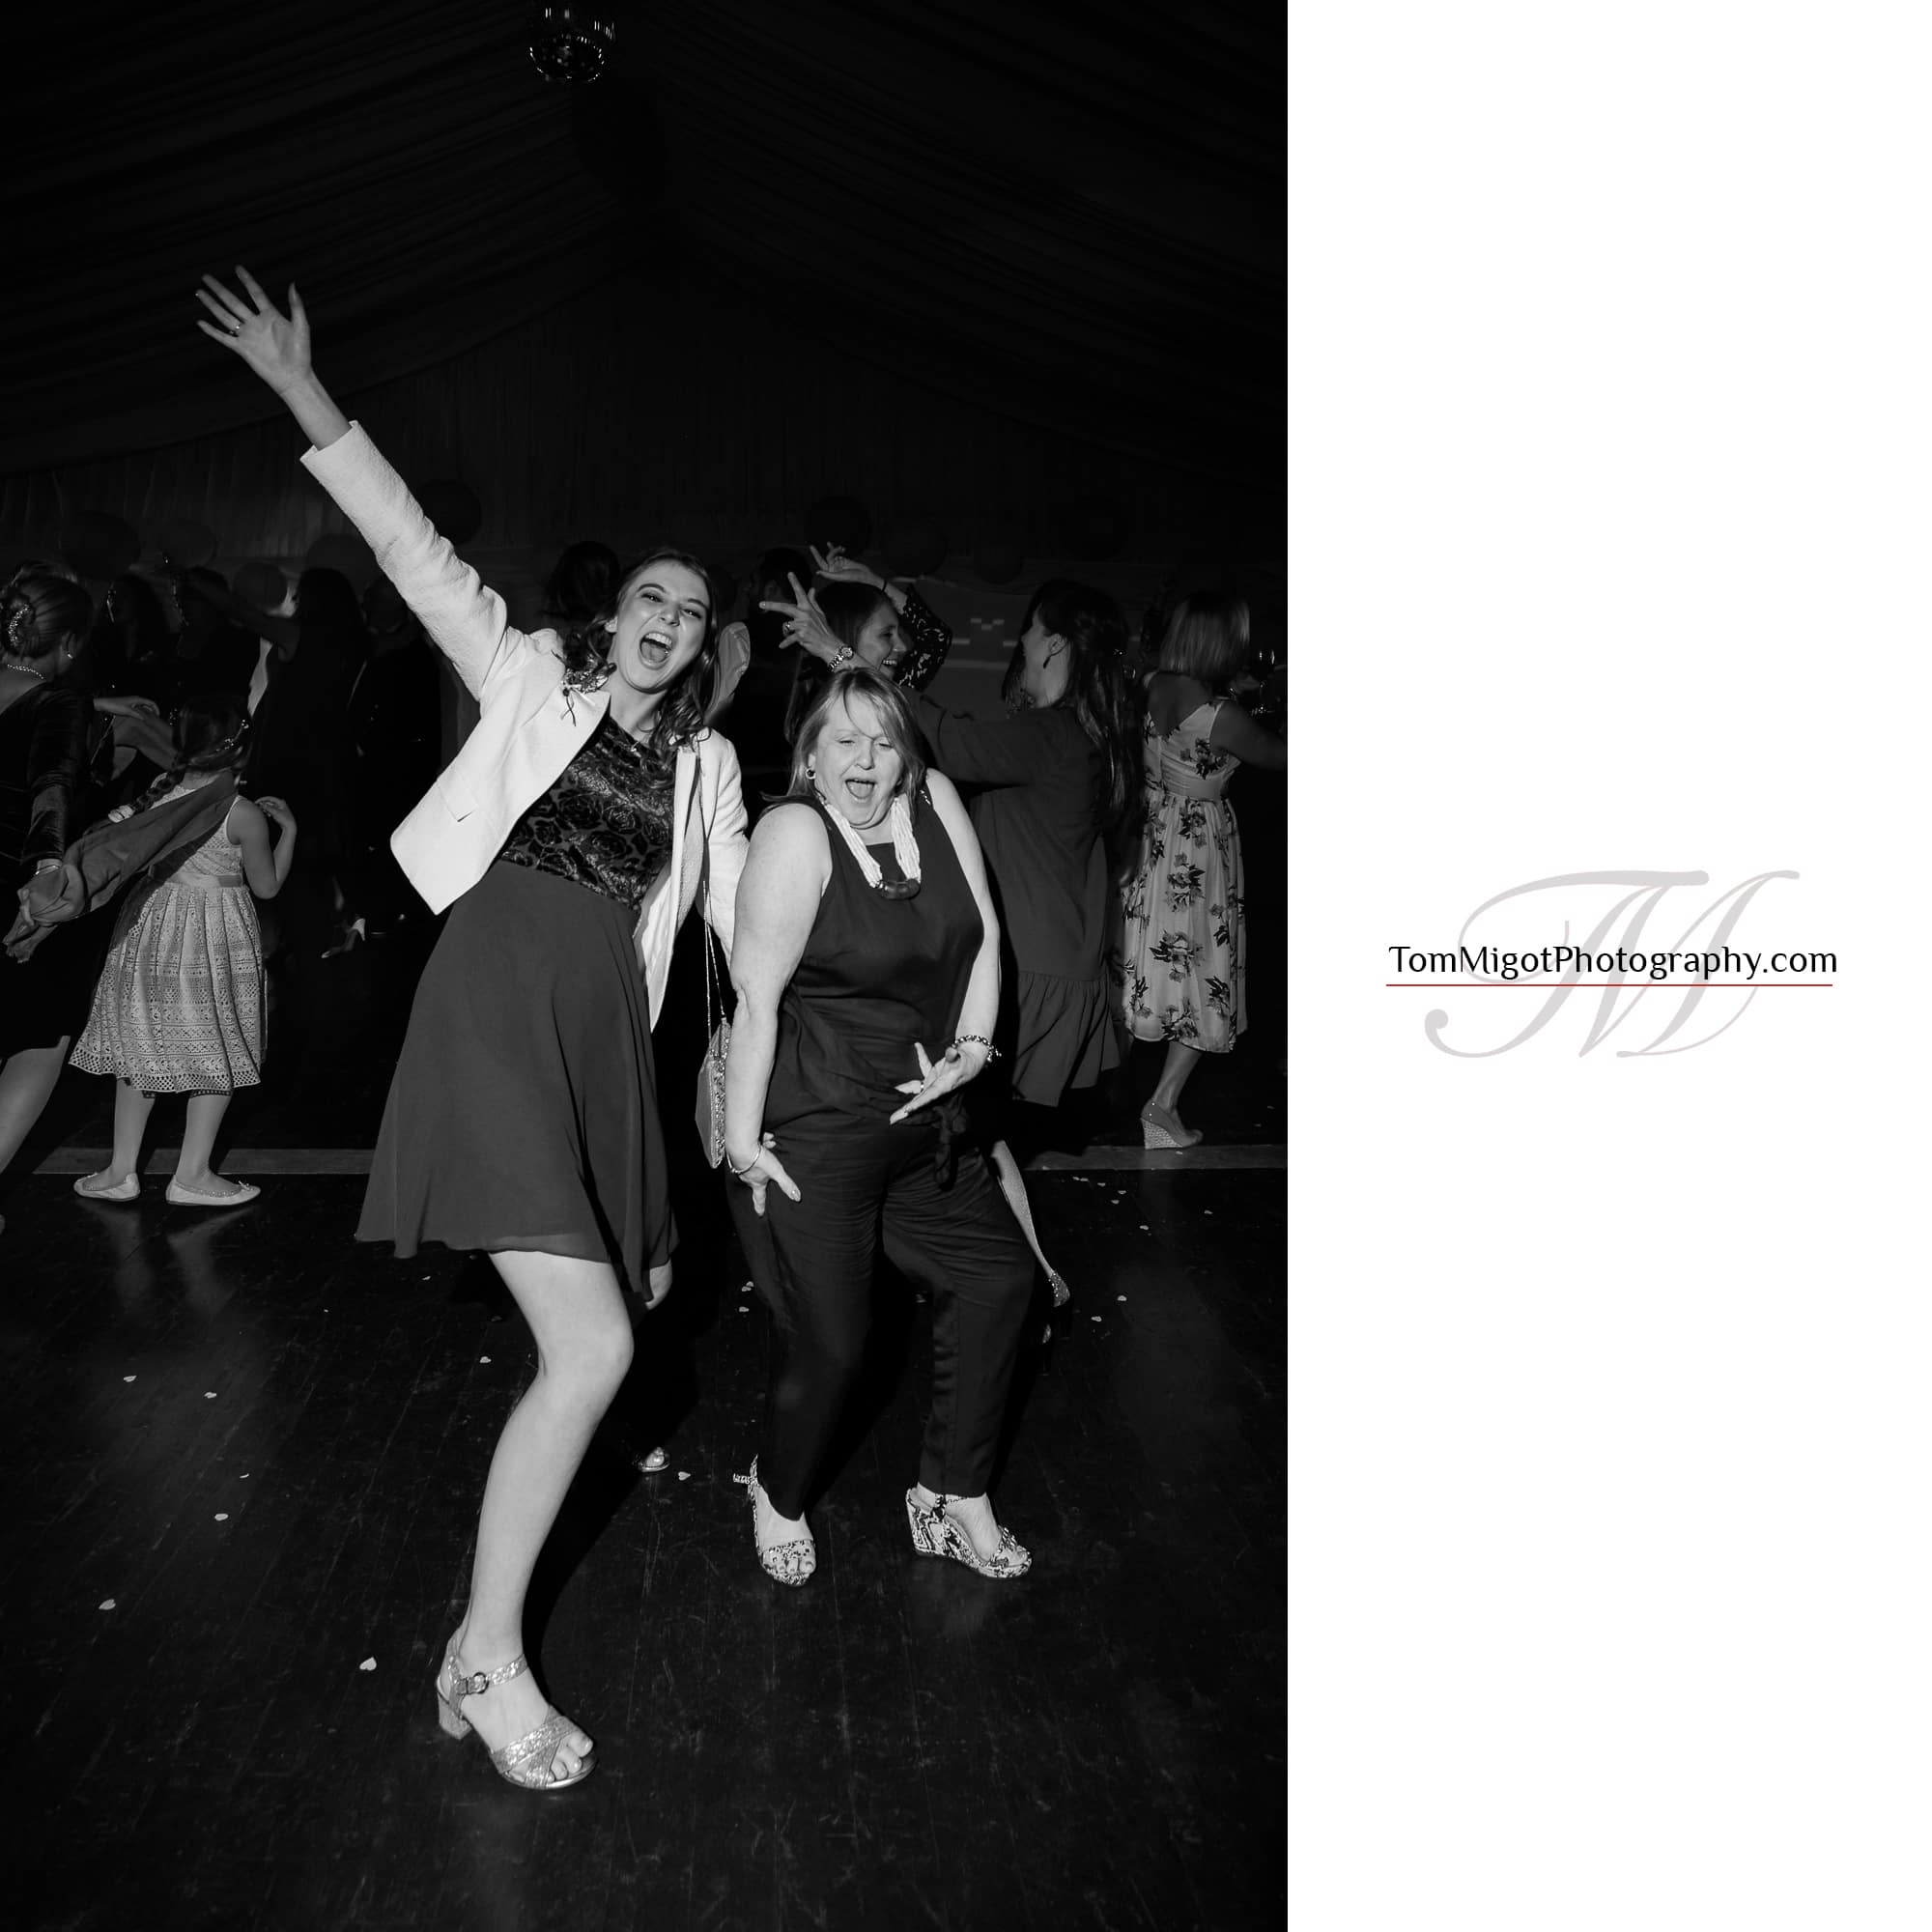 Les ladies se déhanchent sur la piste de dance